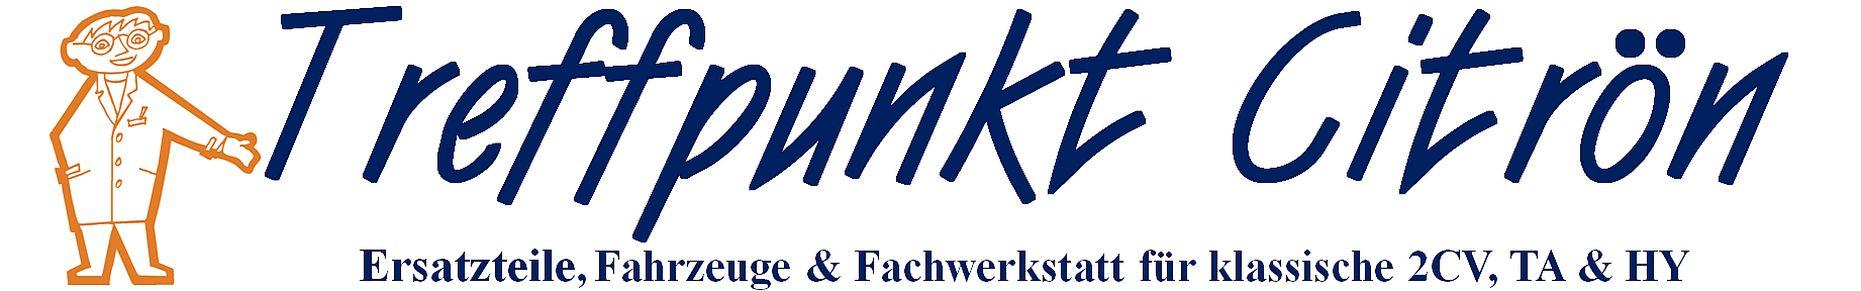 Treffpunkt Citrön-Logo